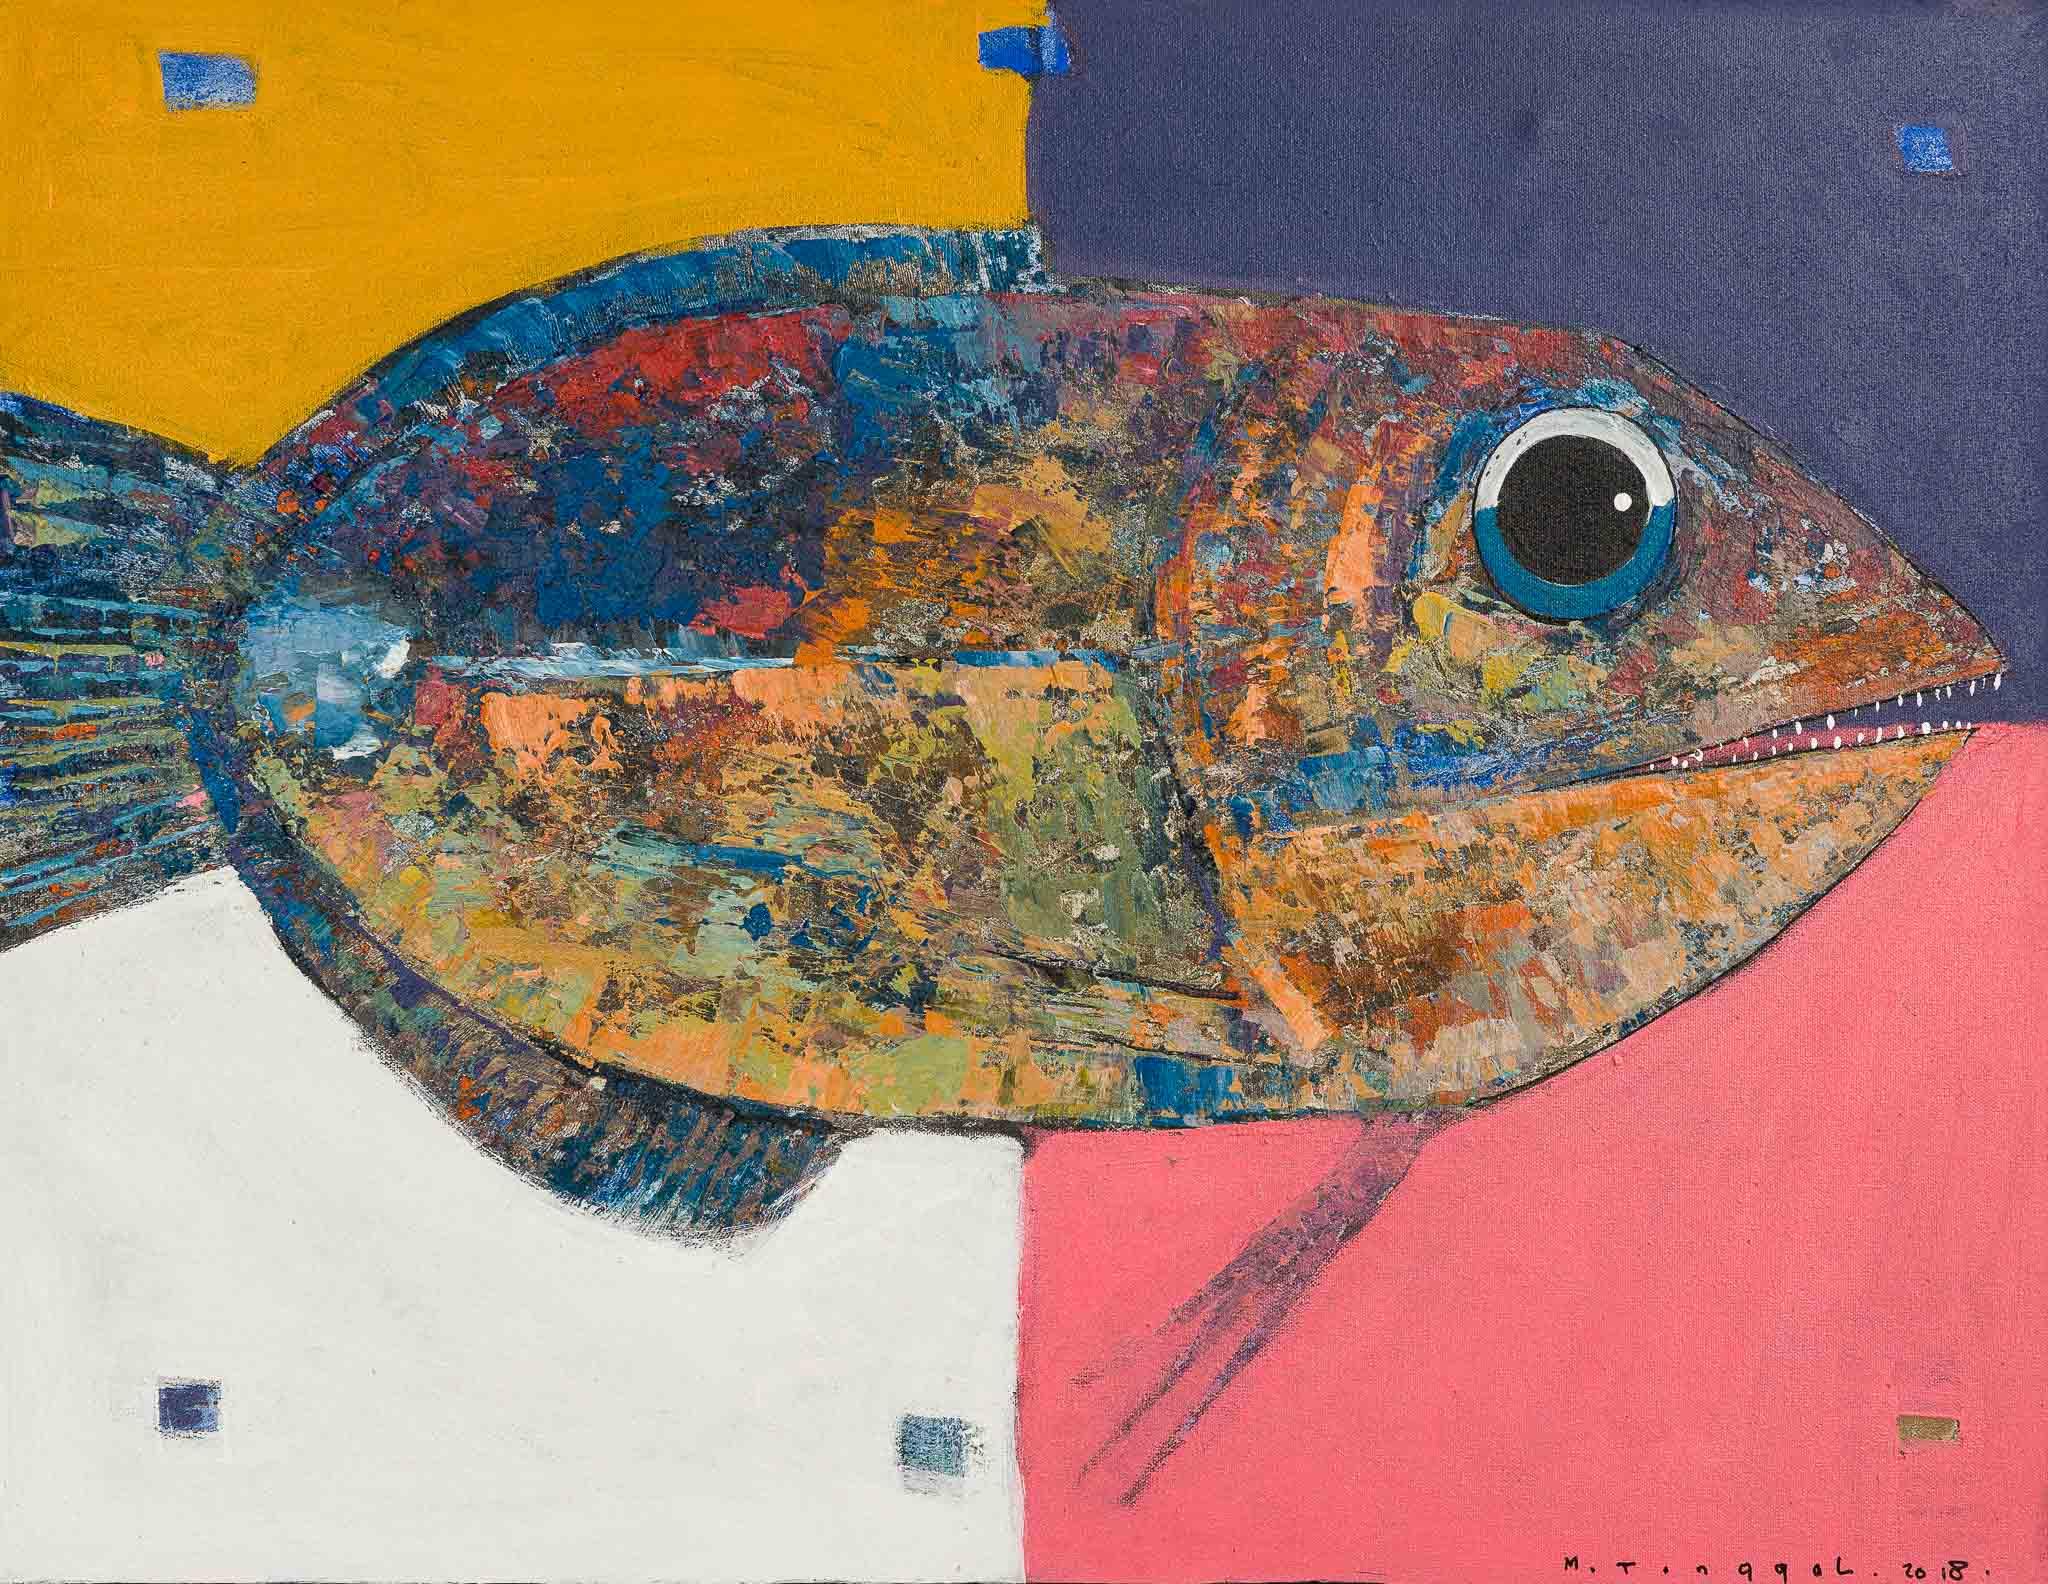 Ikan Piranha